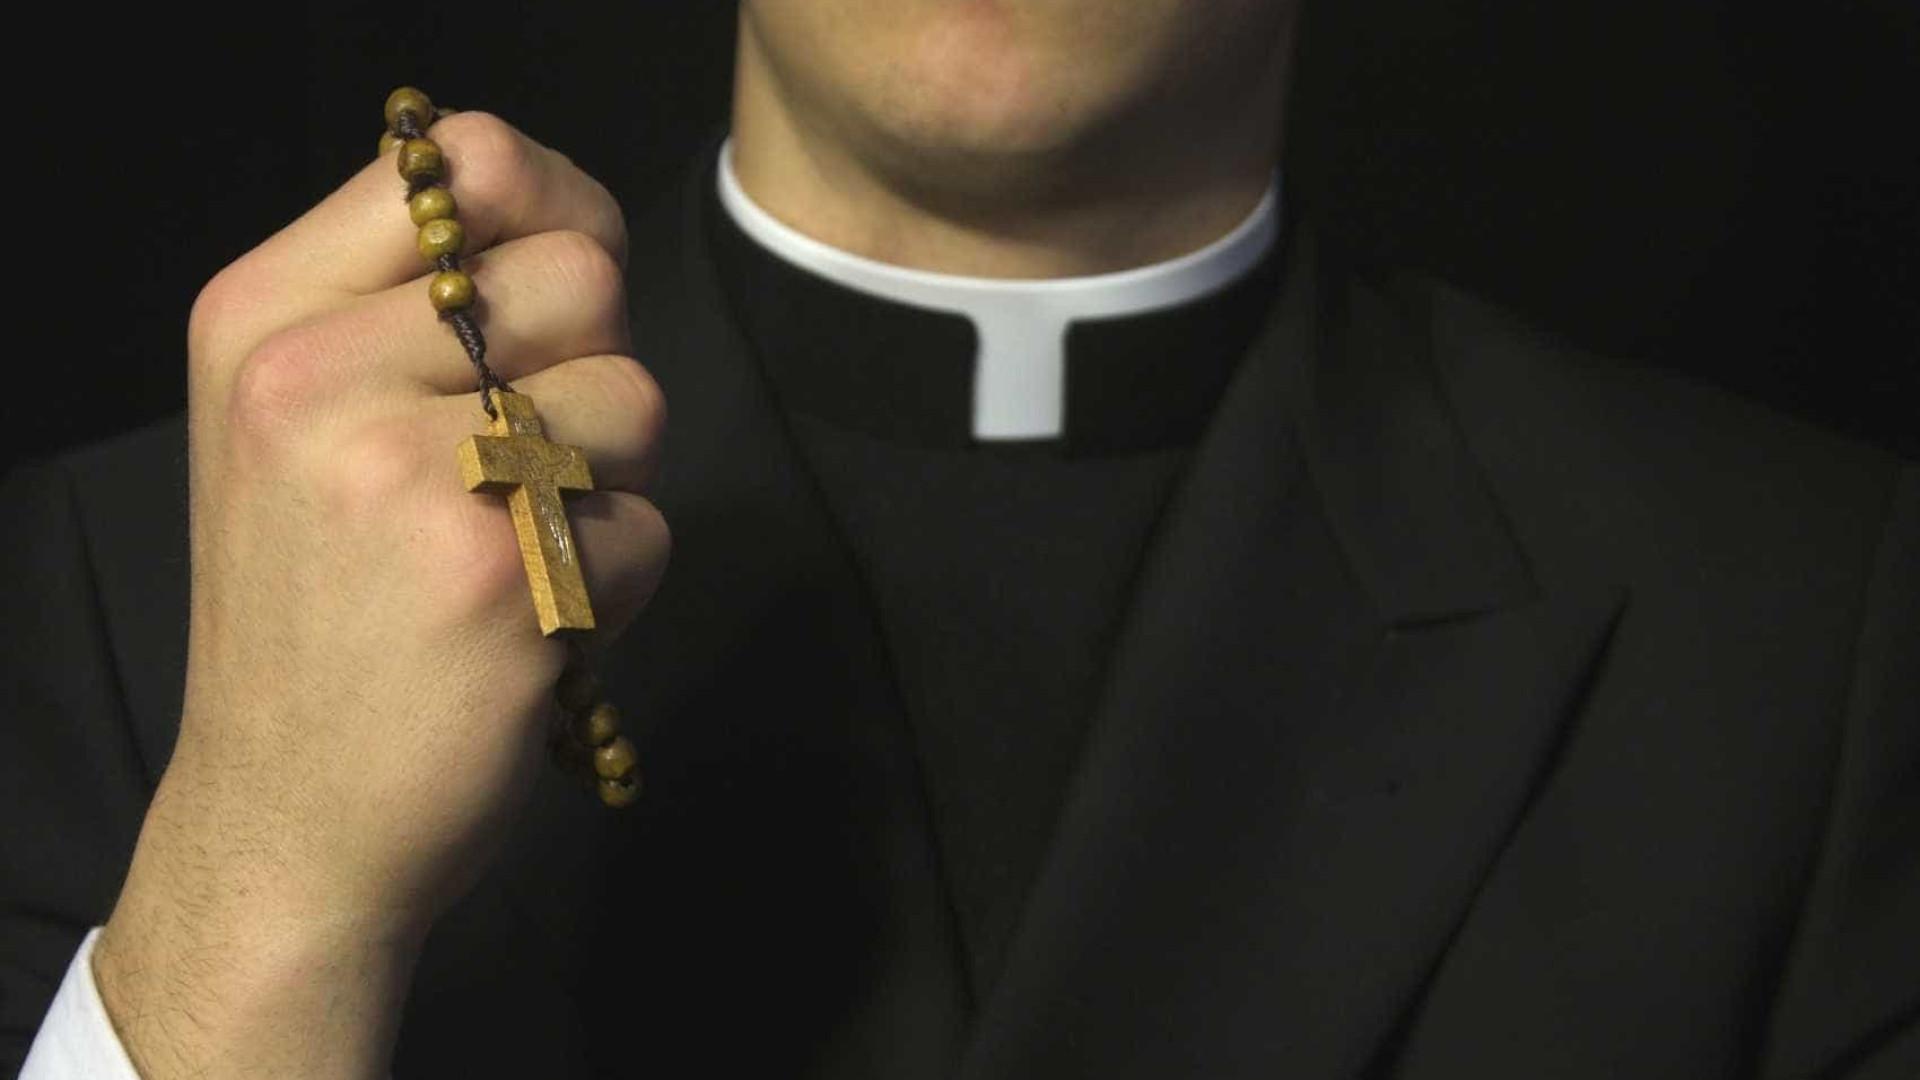 Igreja deve aconselhar recasados a viver sem relações sexuais